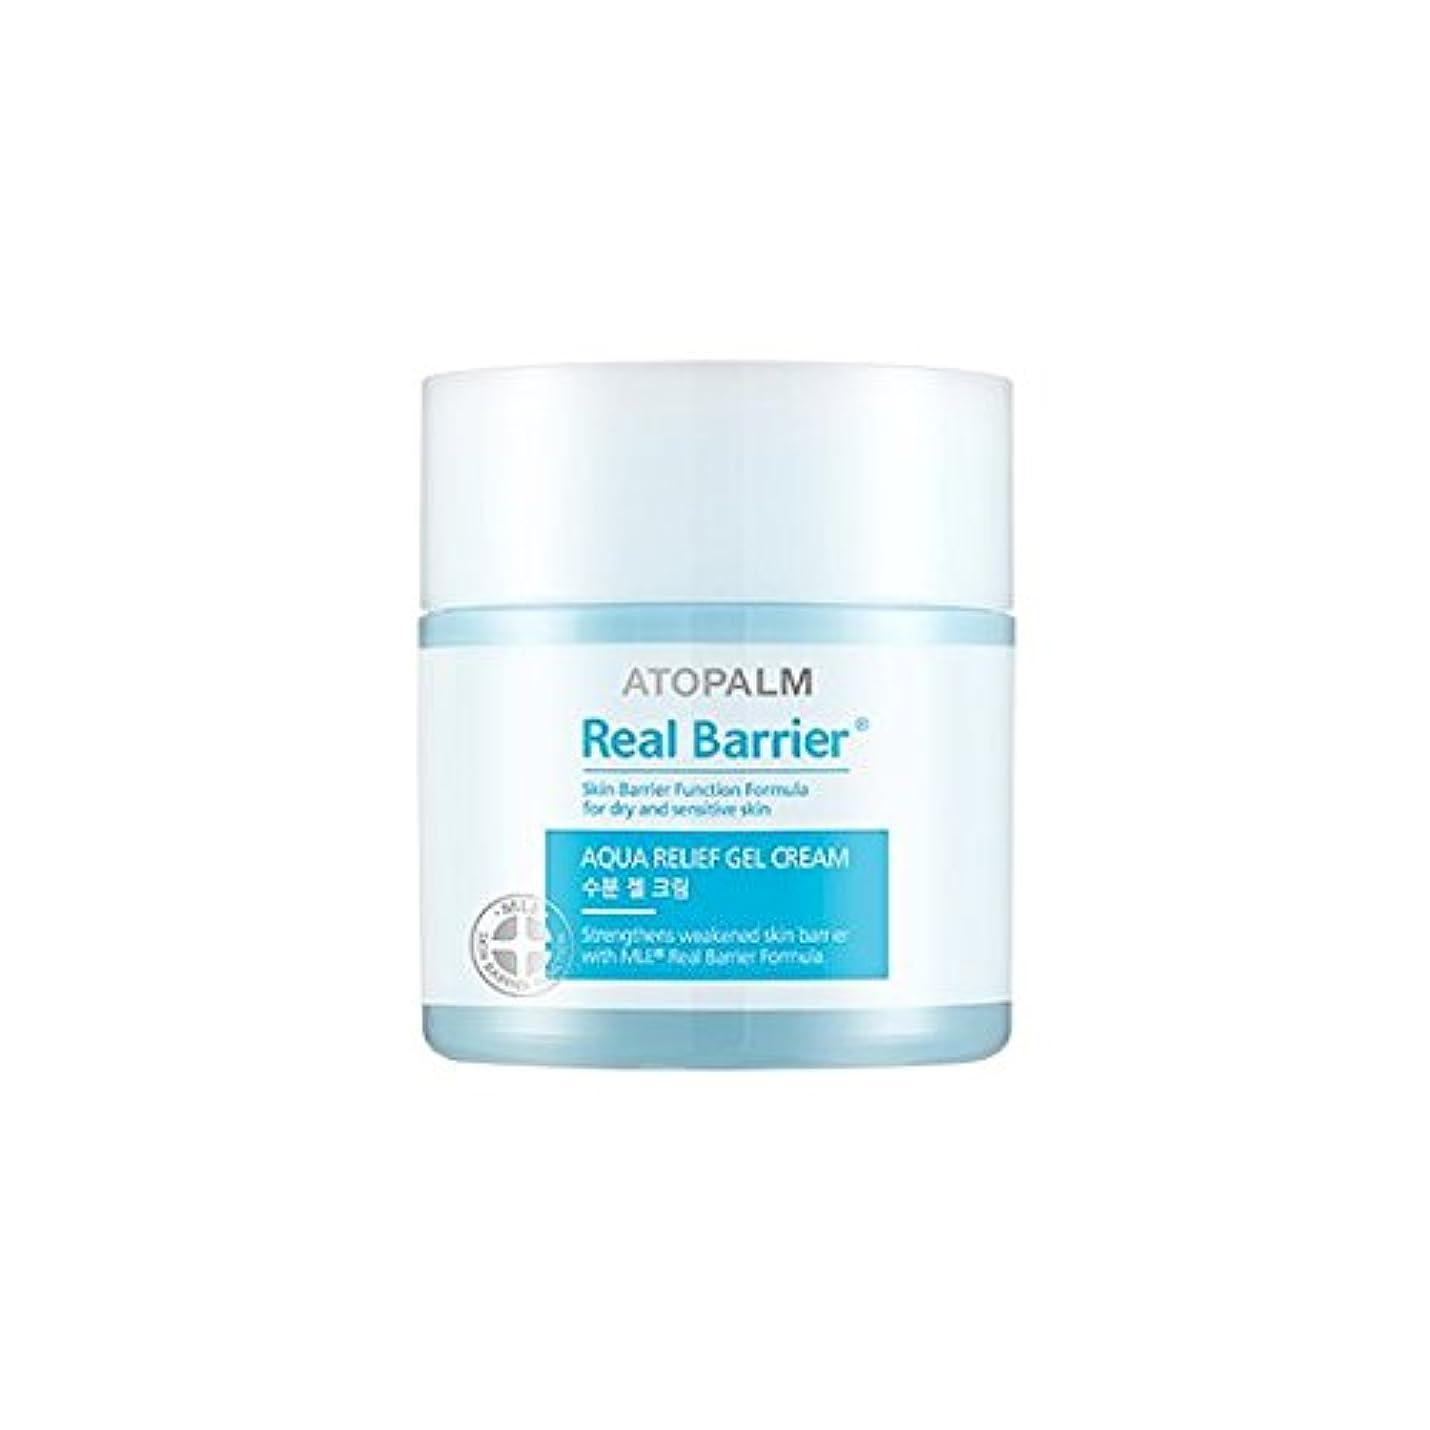 寂しいリンケージ自由ATOPALM Real Barrier Aqua Relief Gel Cream 50ml/アトパーム リアル バリア アクア リリーフ ジェル クリーム 50ml [並行輸入品]